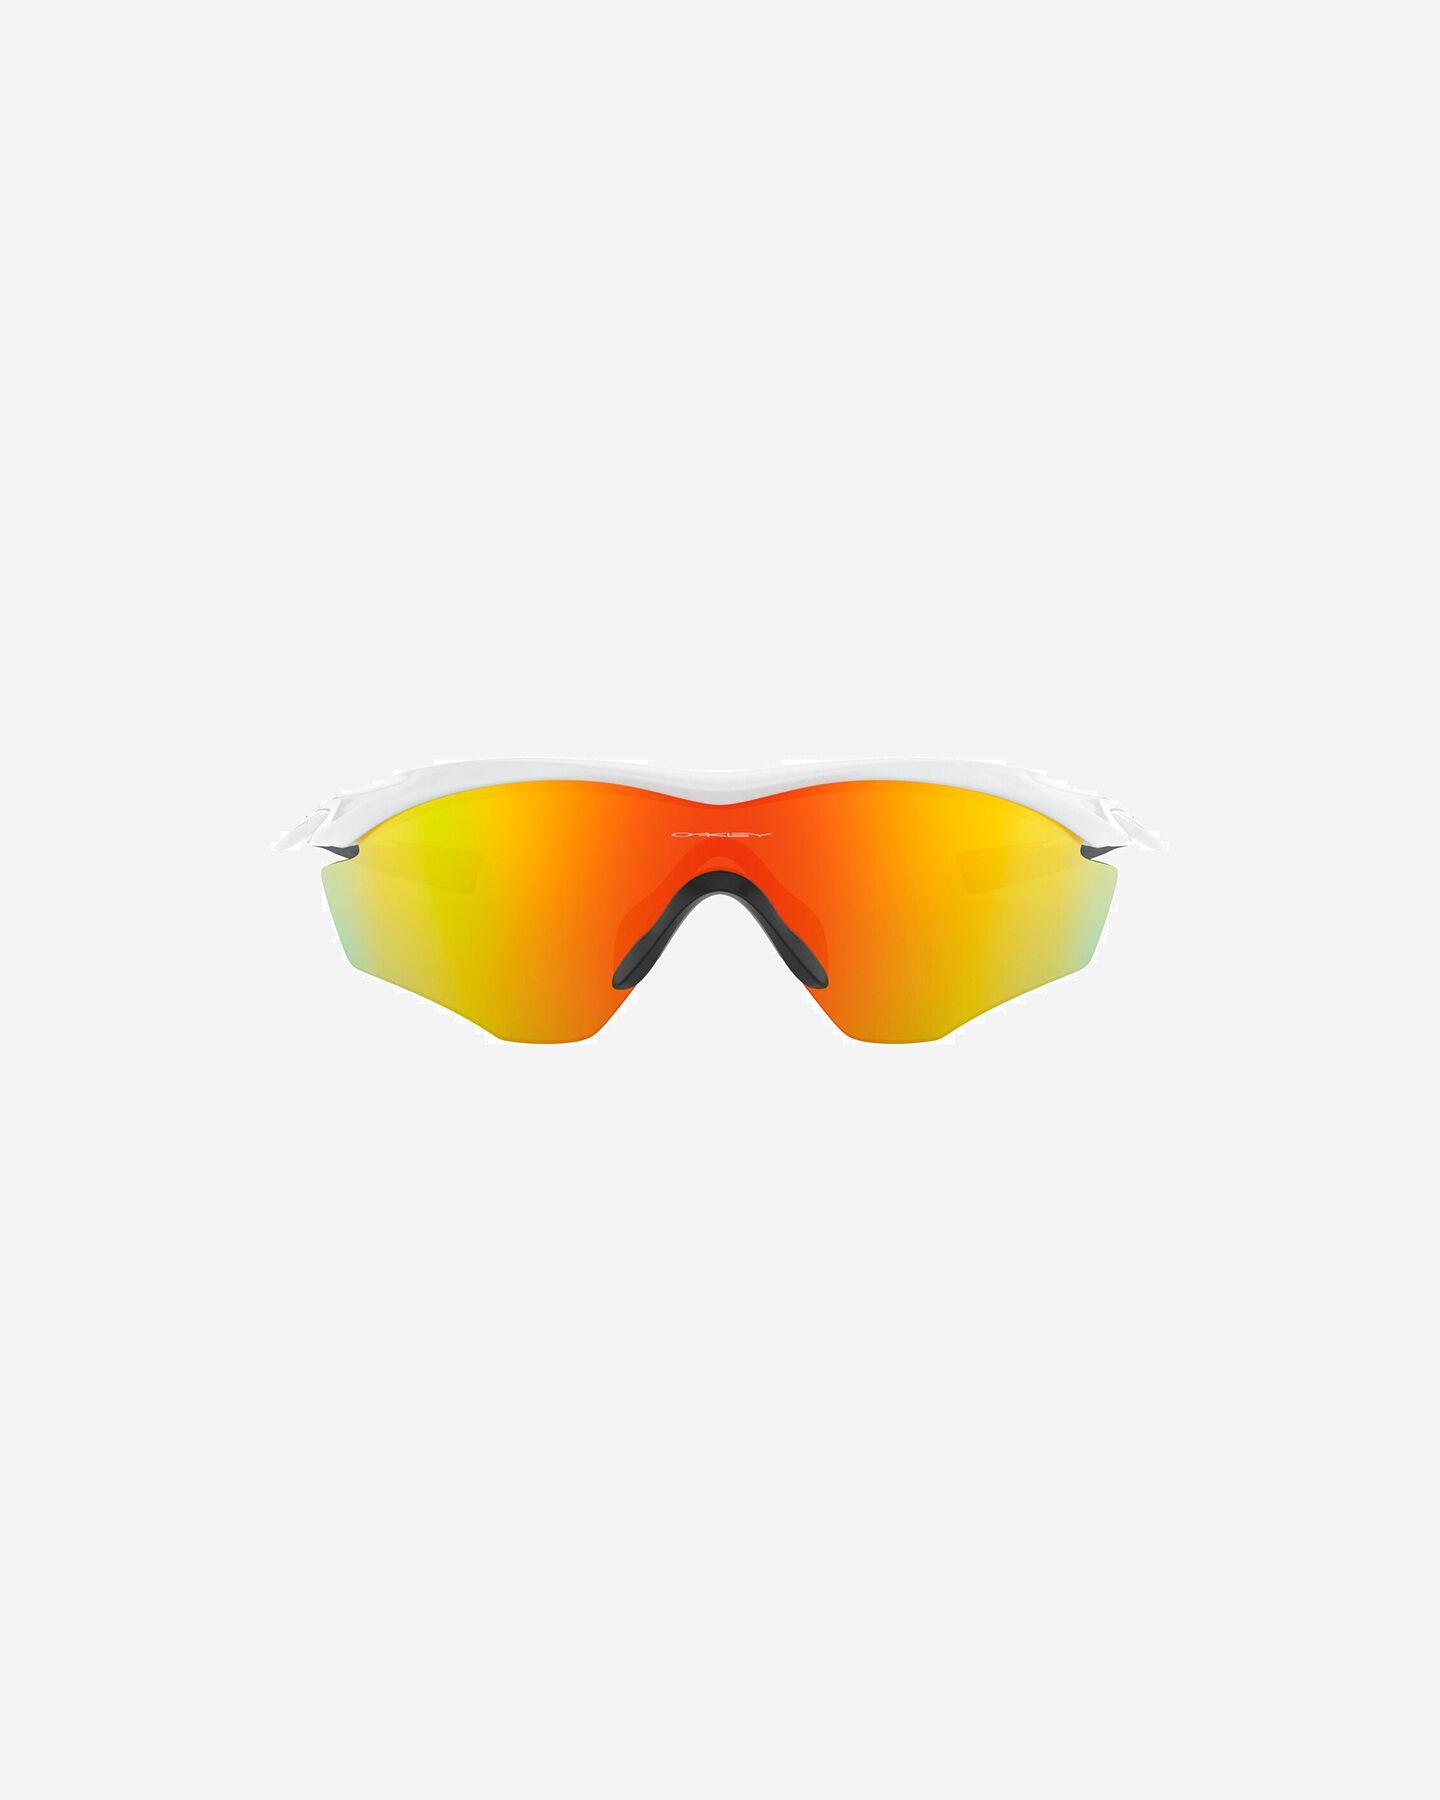 Occhiali OAKLEY M2 FRAME XL S1313248|9999|UNI scatto 1